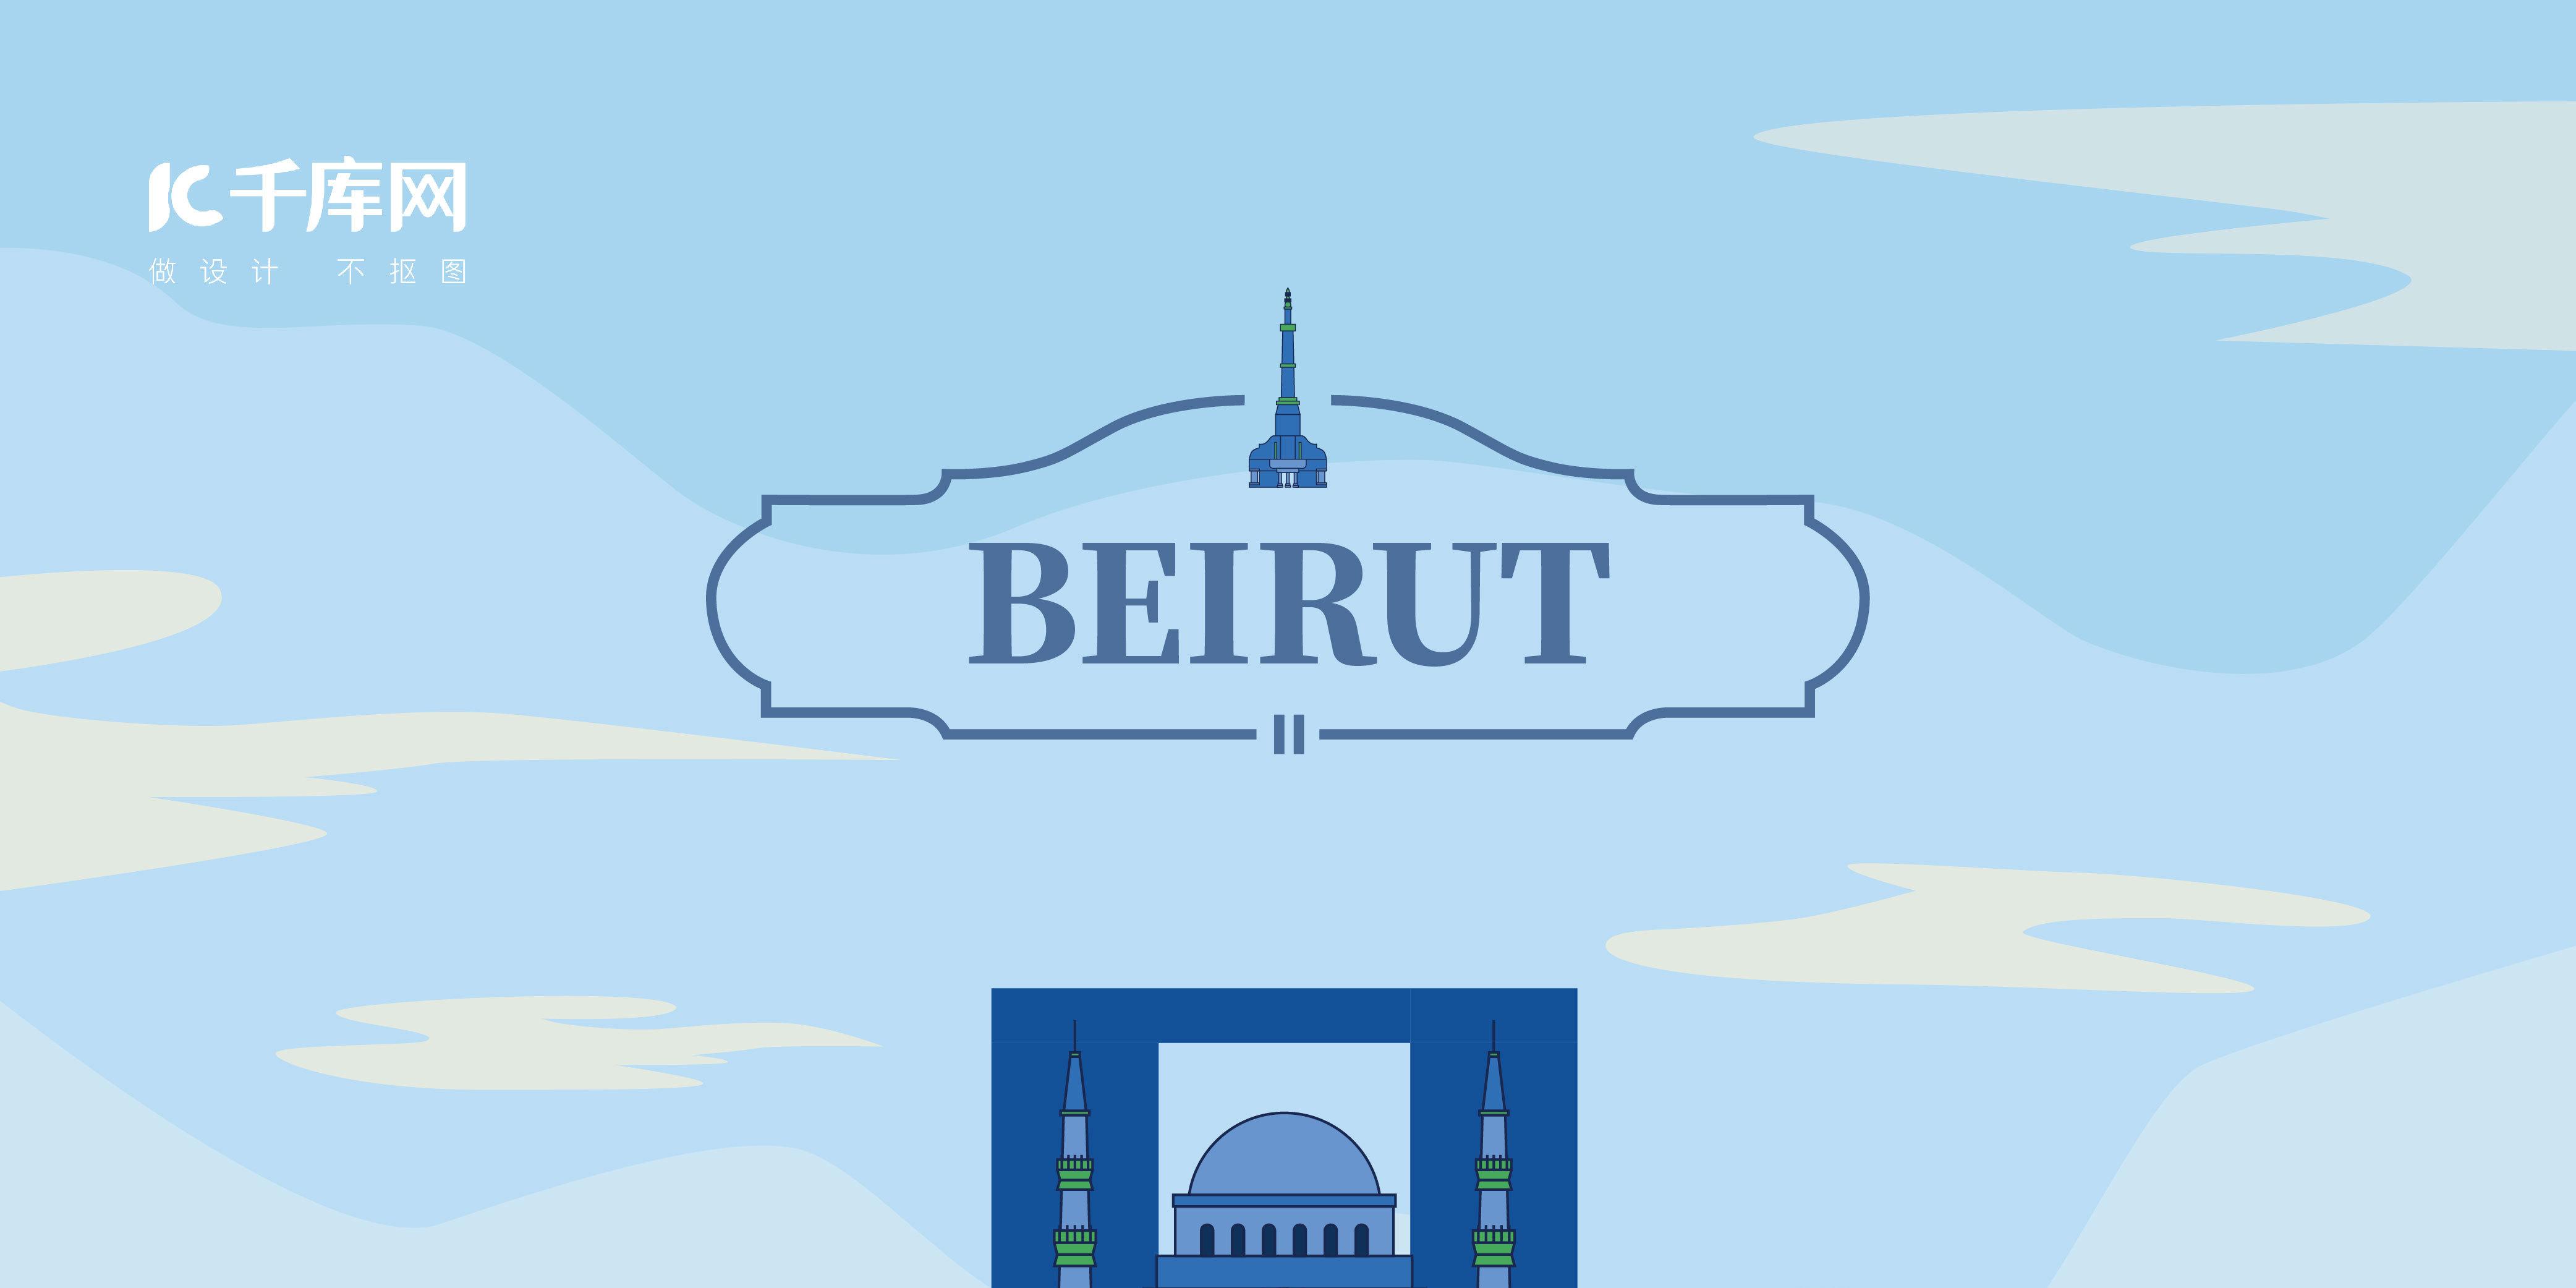 旅游地狱风格系字融画主题旅游装置贝鲁特旅游暗黑三行业蓝色设计图图片